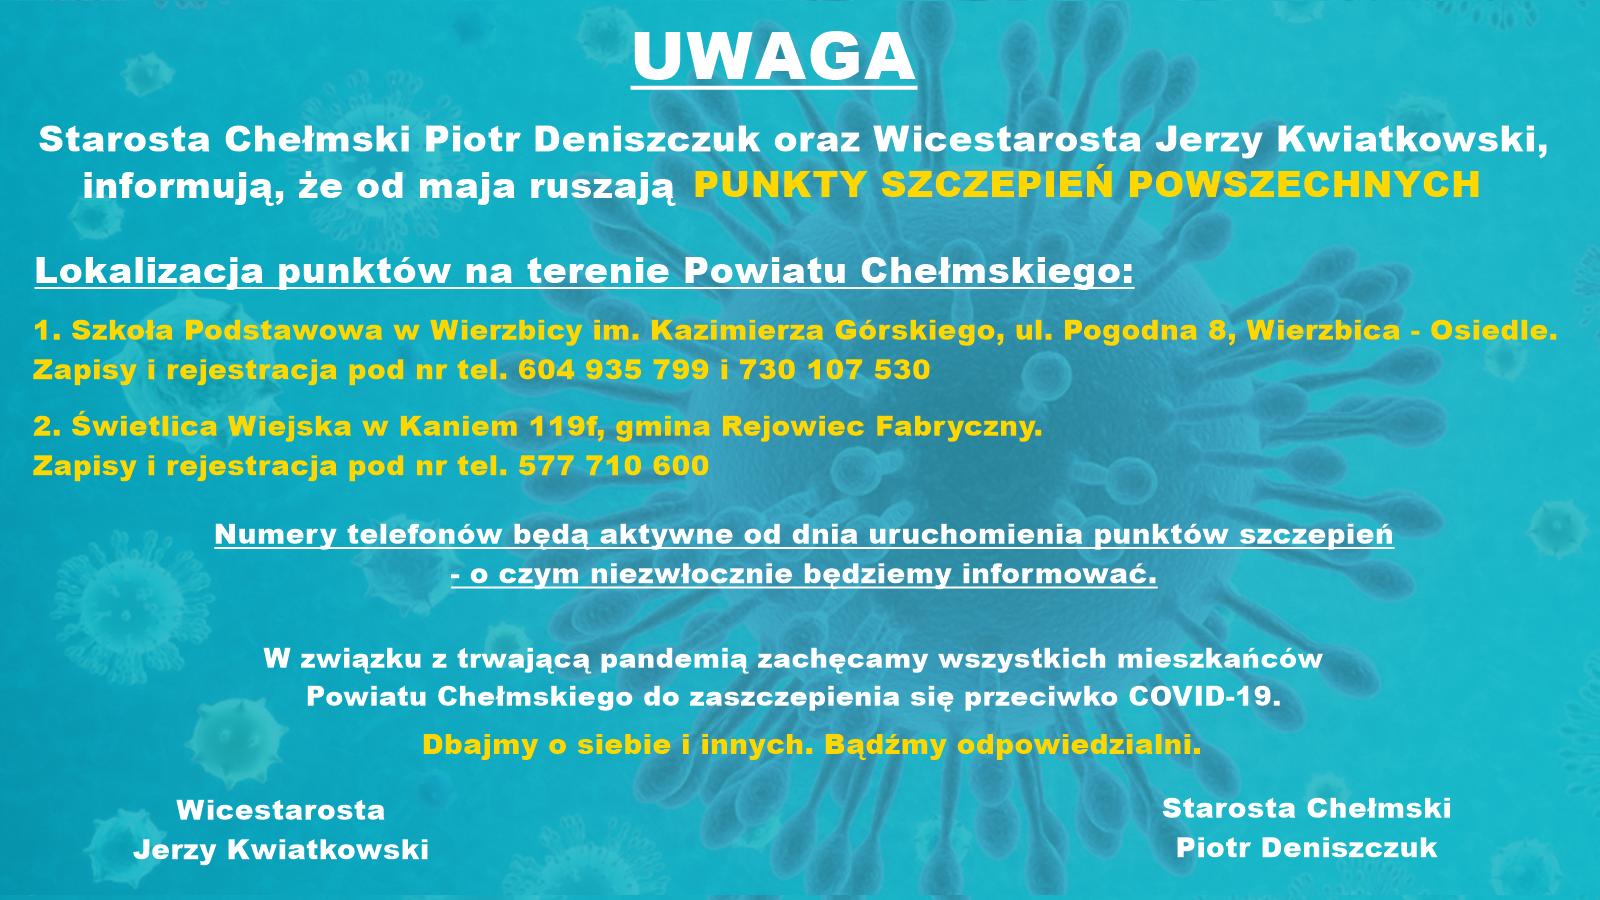 plakat zinformacjami oPunktach Szczepień Powszechnych itło niebieskie zezdjęciem koronawirusa